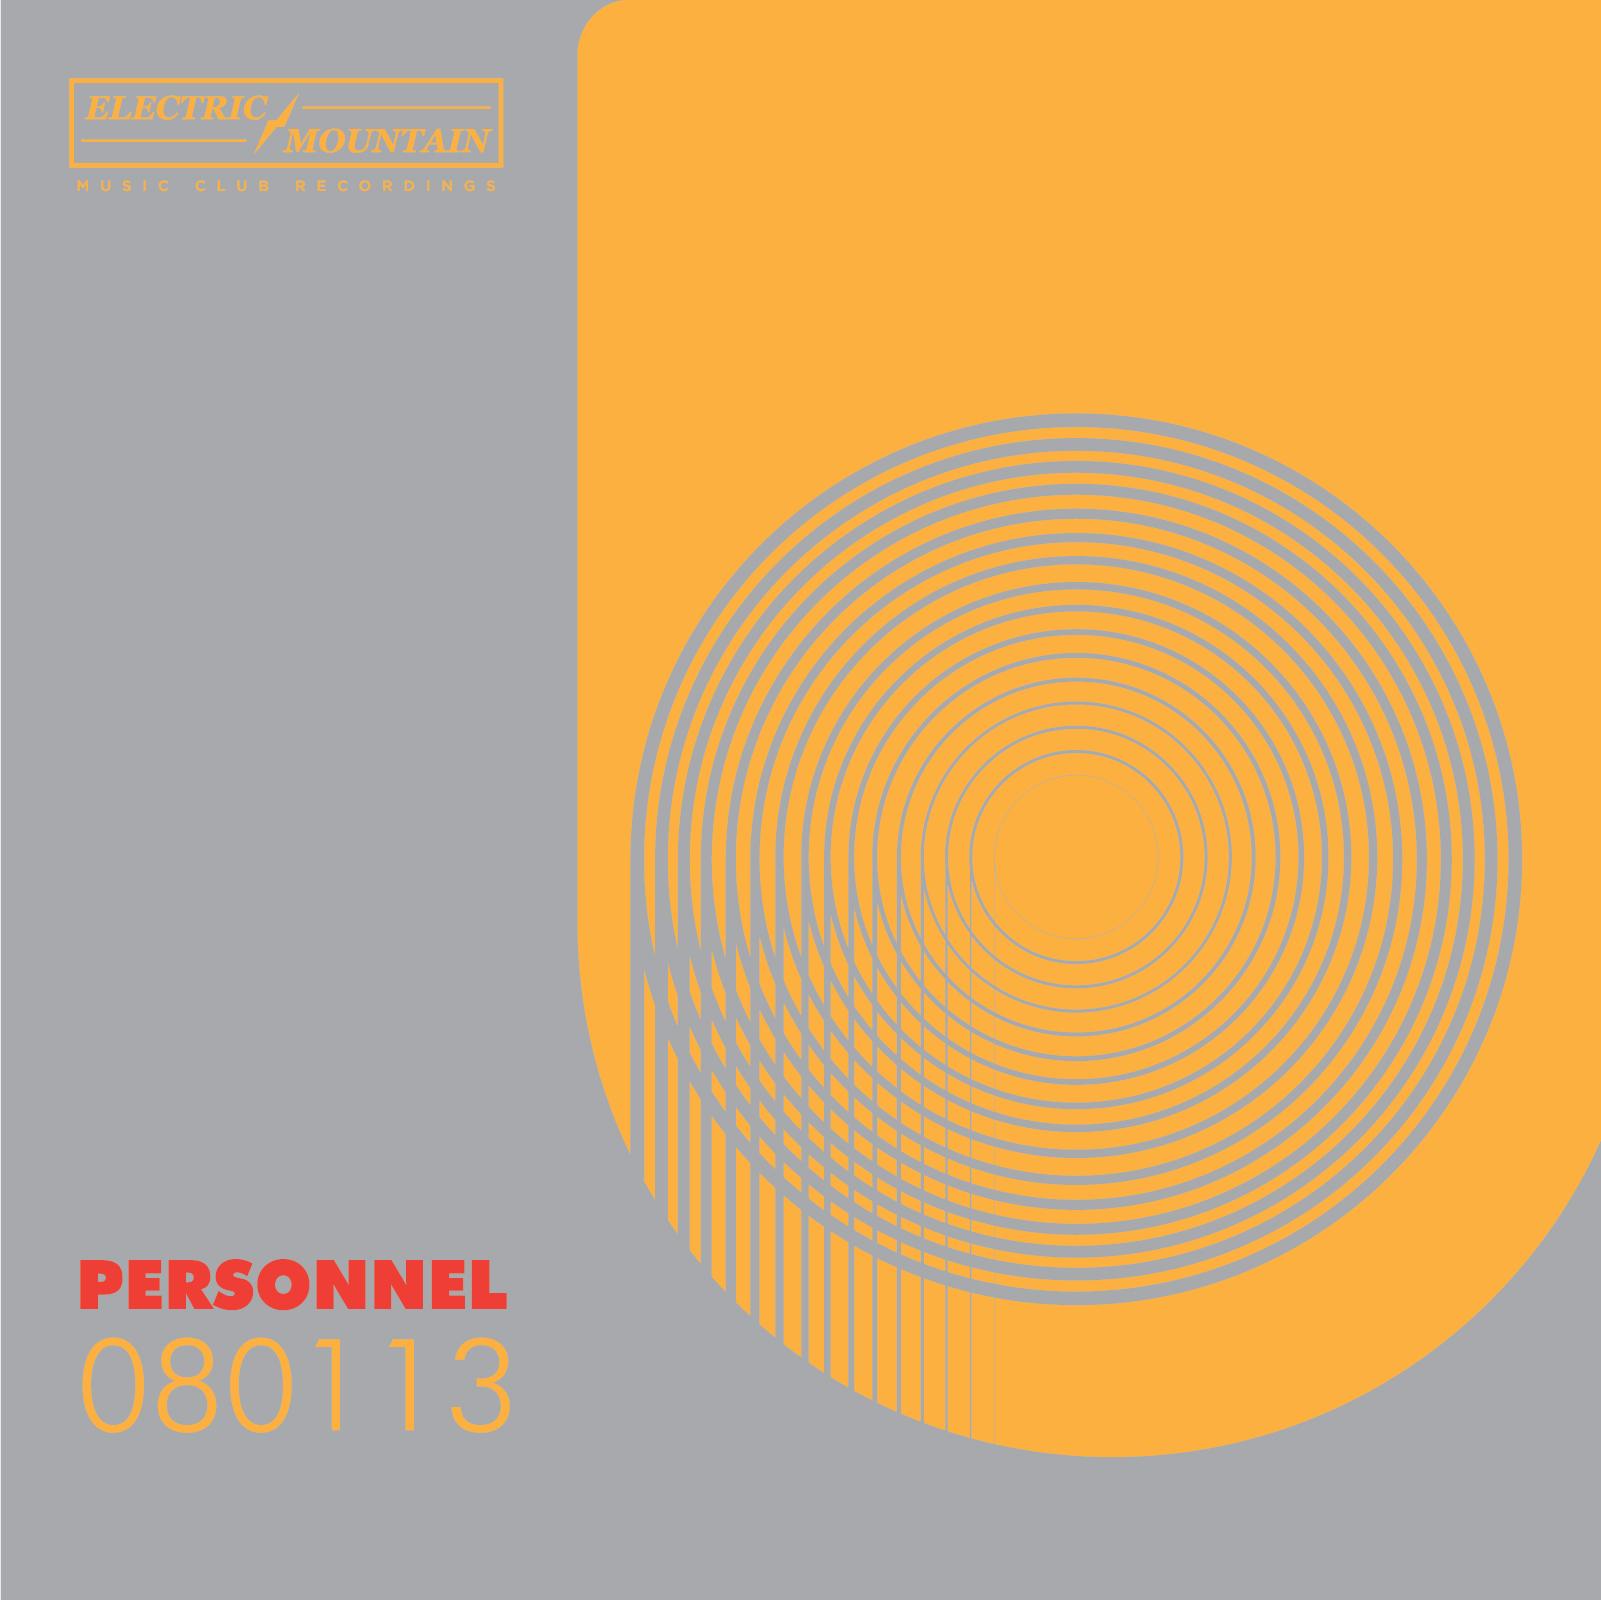 Personnel_080113_allsizes-06.jpg